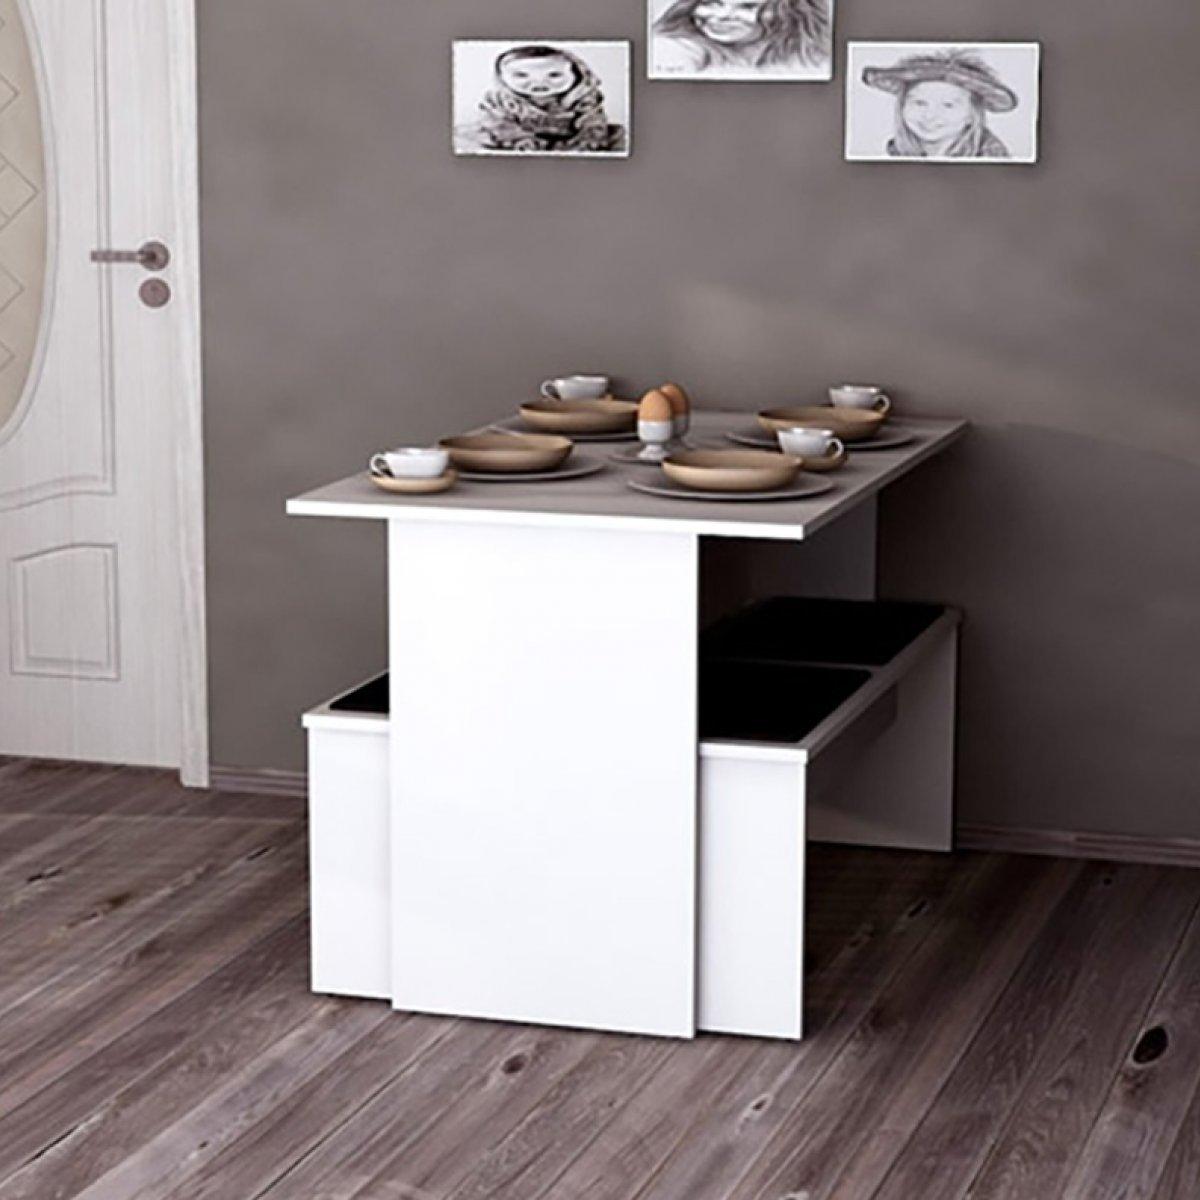 Τραπέζια Κουζίνας - Τραπεζαρίες με καρέκλες | Mymegamarket.gr